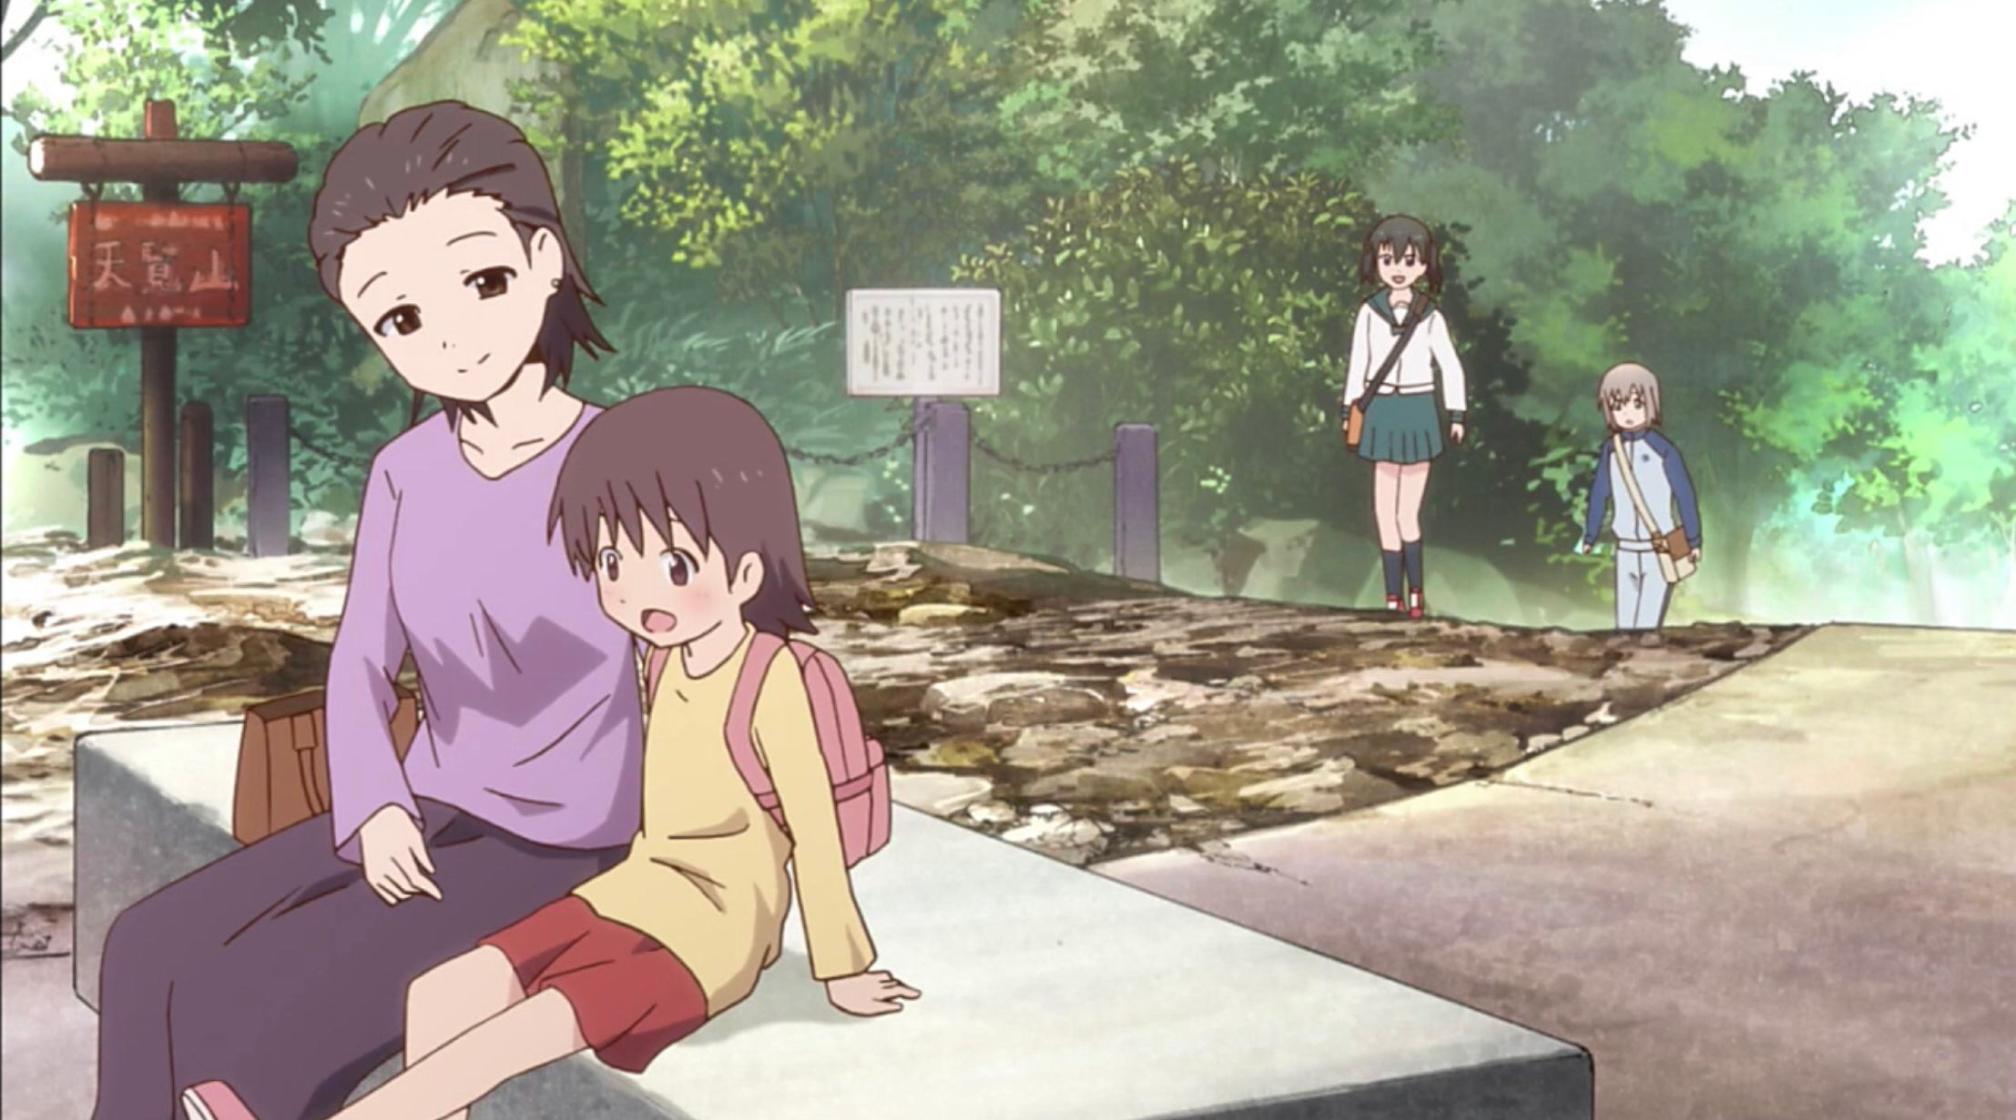 前進吧!登山少女 第一季劇照 3